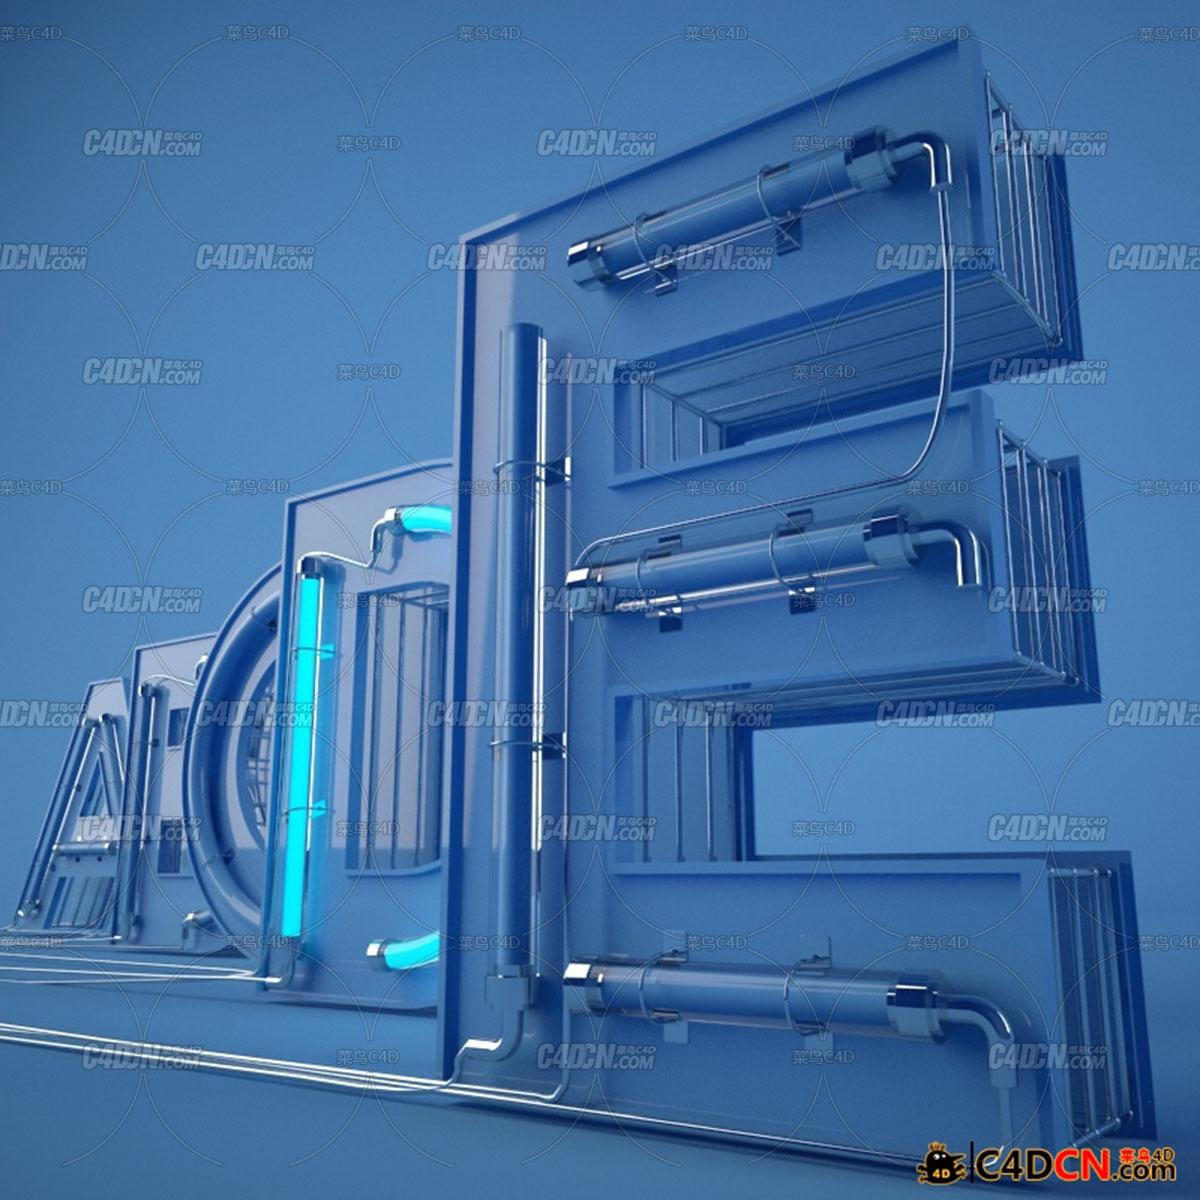 C4D预设 26个英文字母霓虹灯文字模型预设